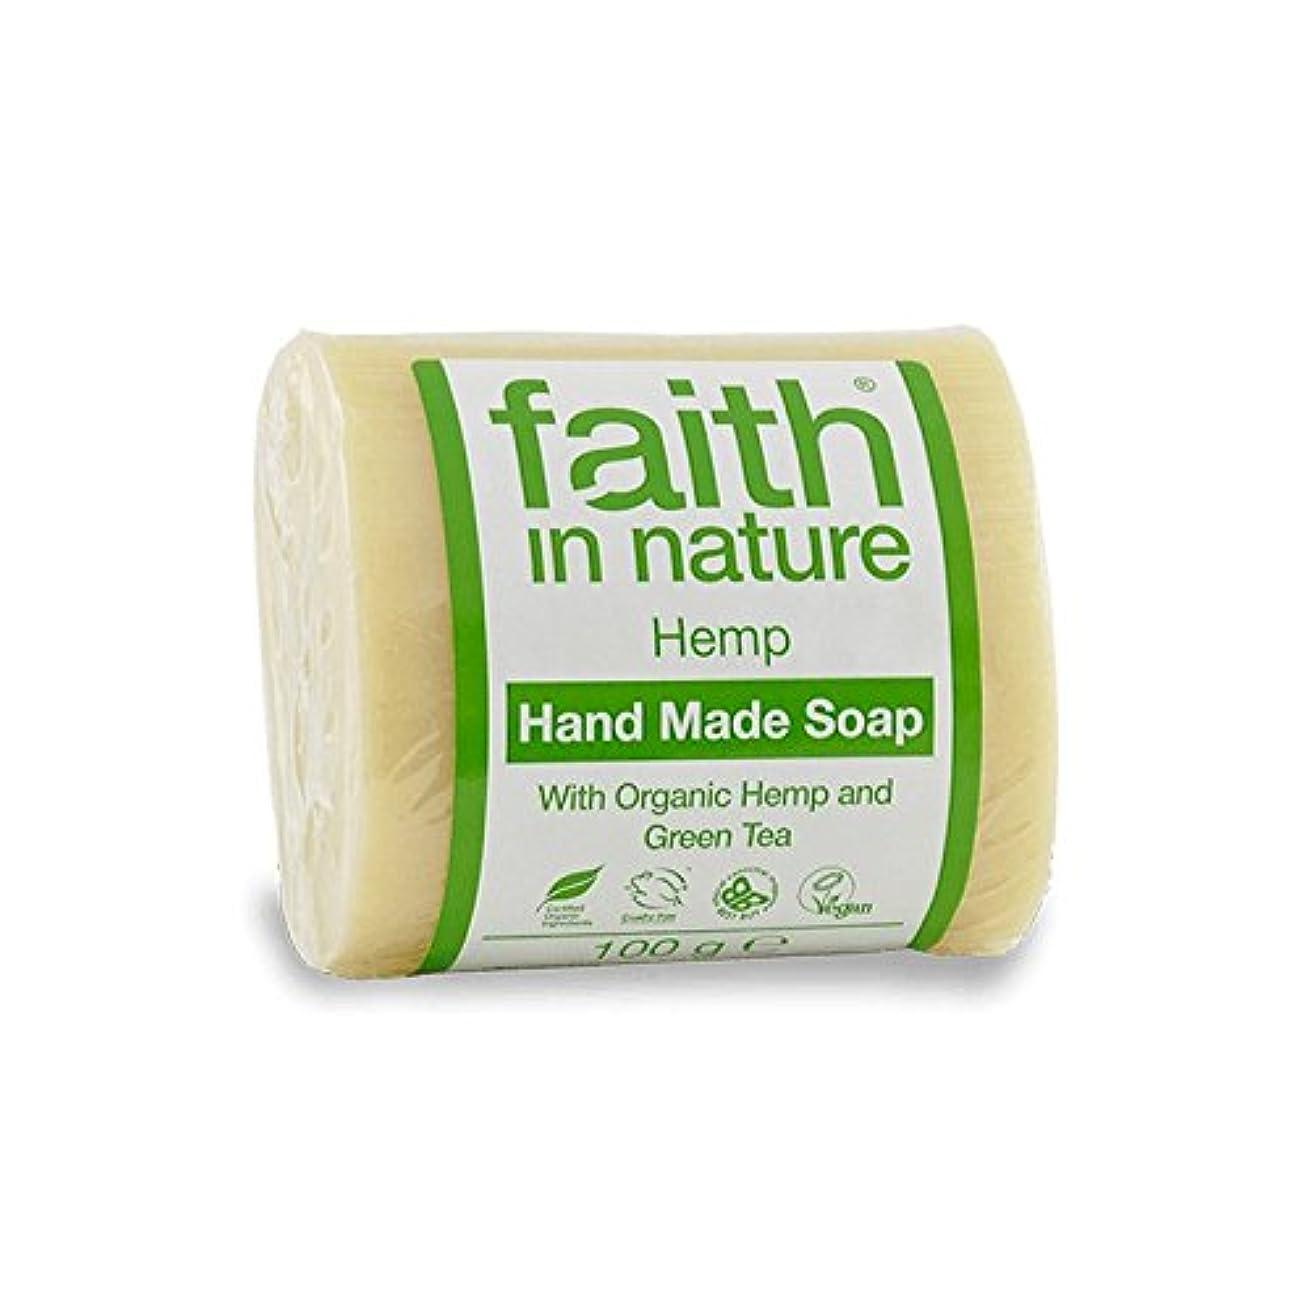 ビット金額有名Faith in Nature Hemp with Green Tea Soap 100g (Pack of 2) - 緑茶石鹸100グラムと自然の麻の信仰 (x2) [並行輸入品]